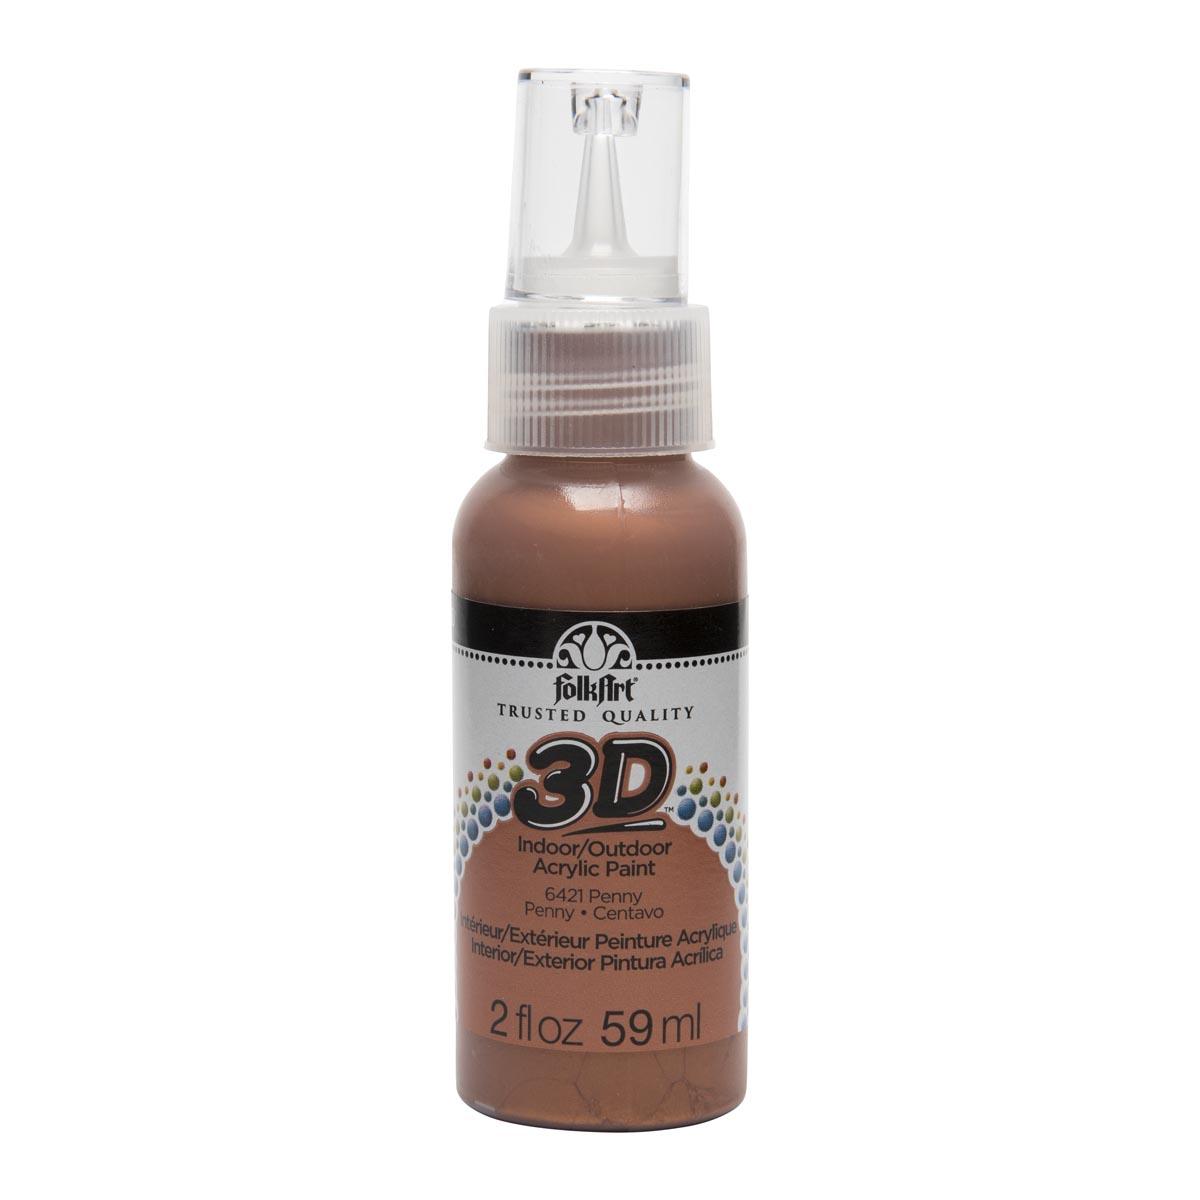 FolkArt ® 3D™ Acrylic Paint - Penny Metallic, 2 oz.